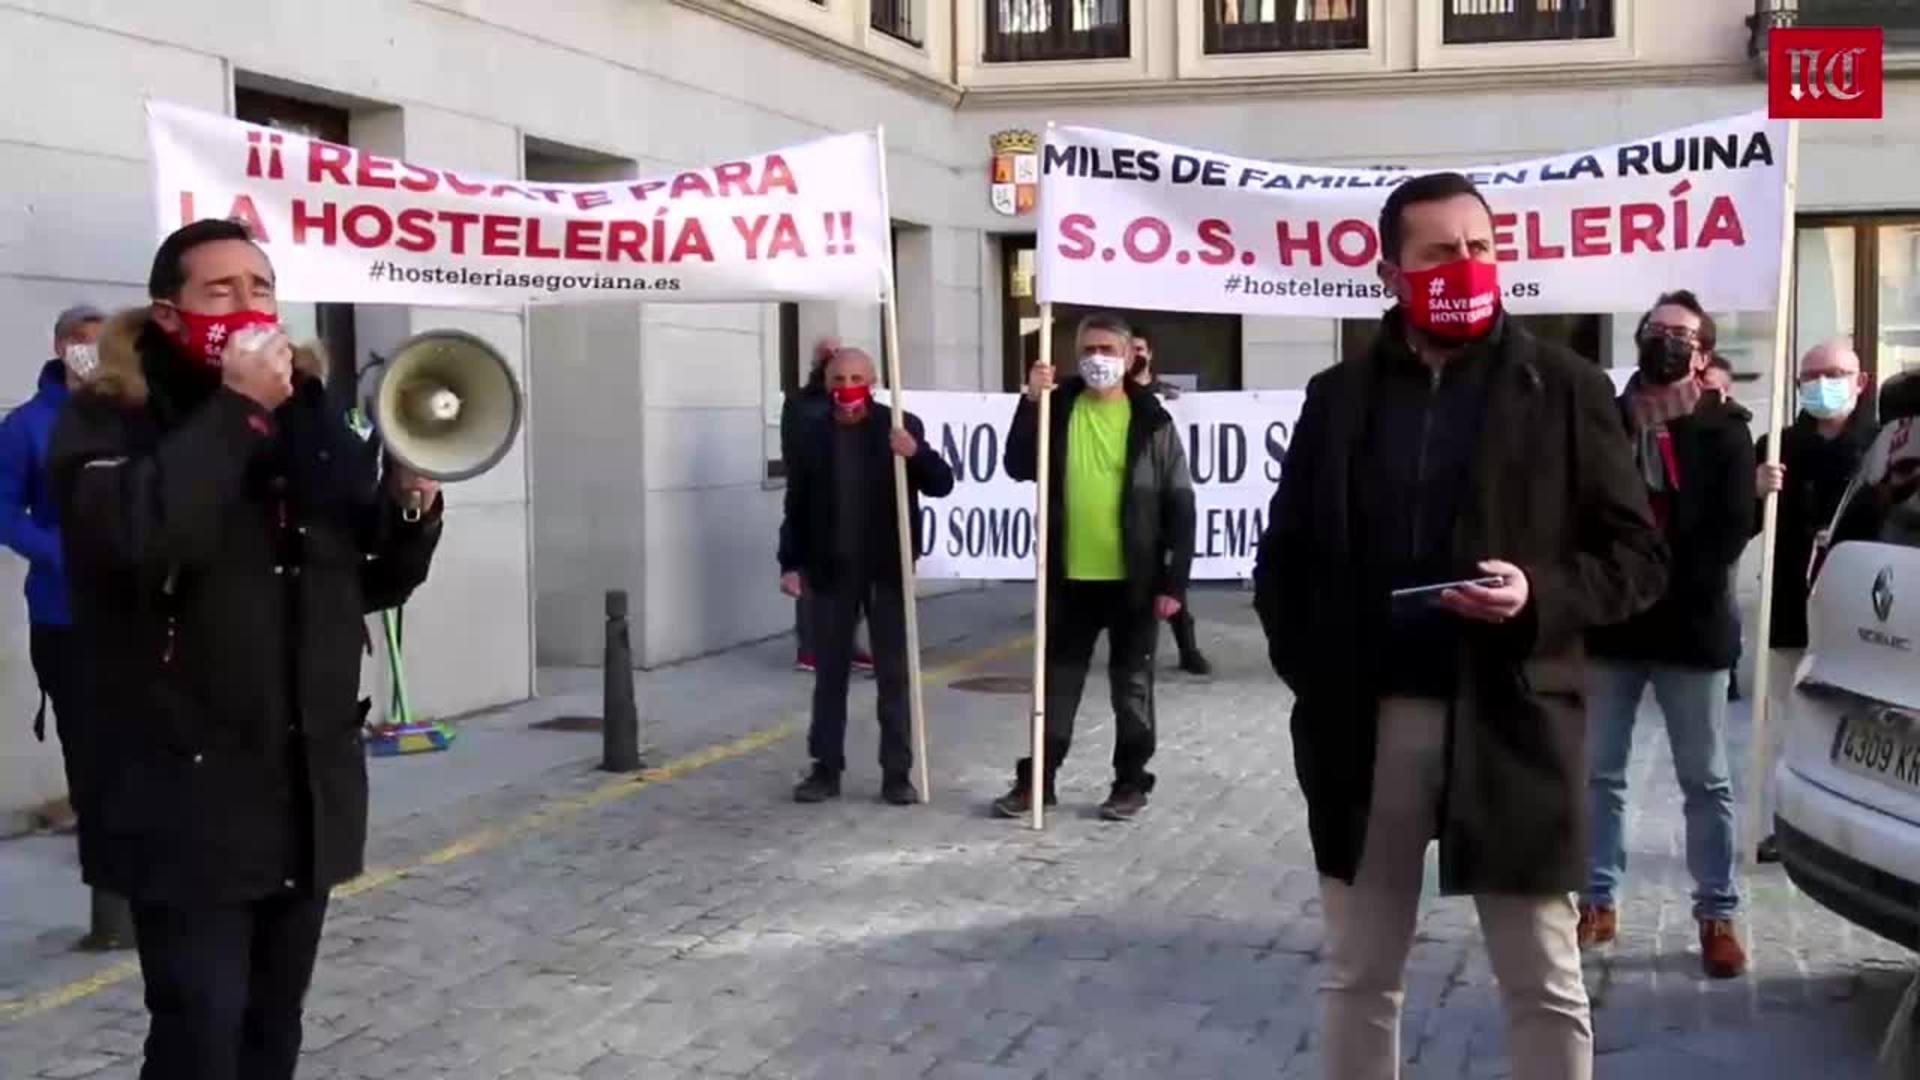 Los hosteleros piden la dimisión de Mañueco en Segovia